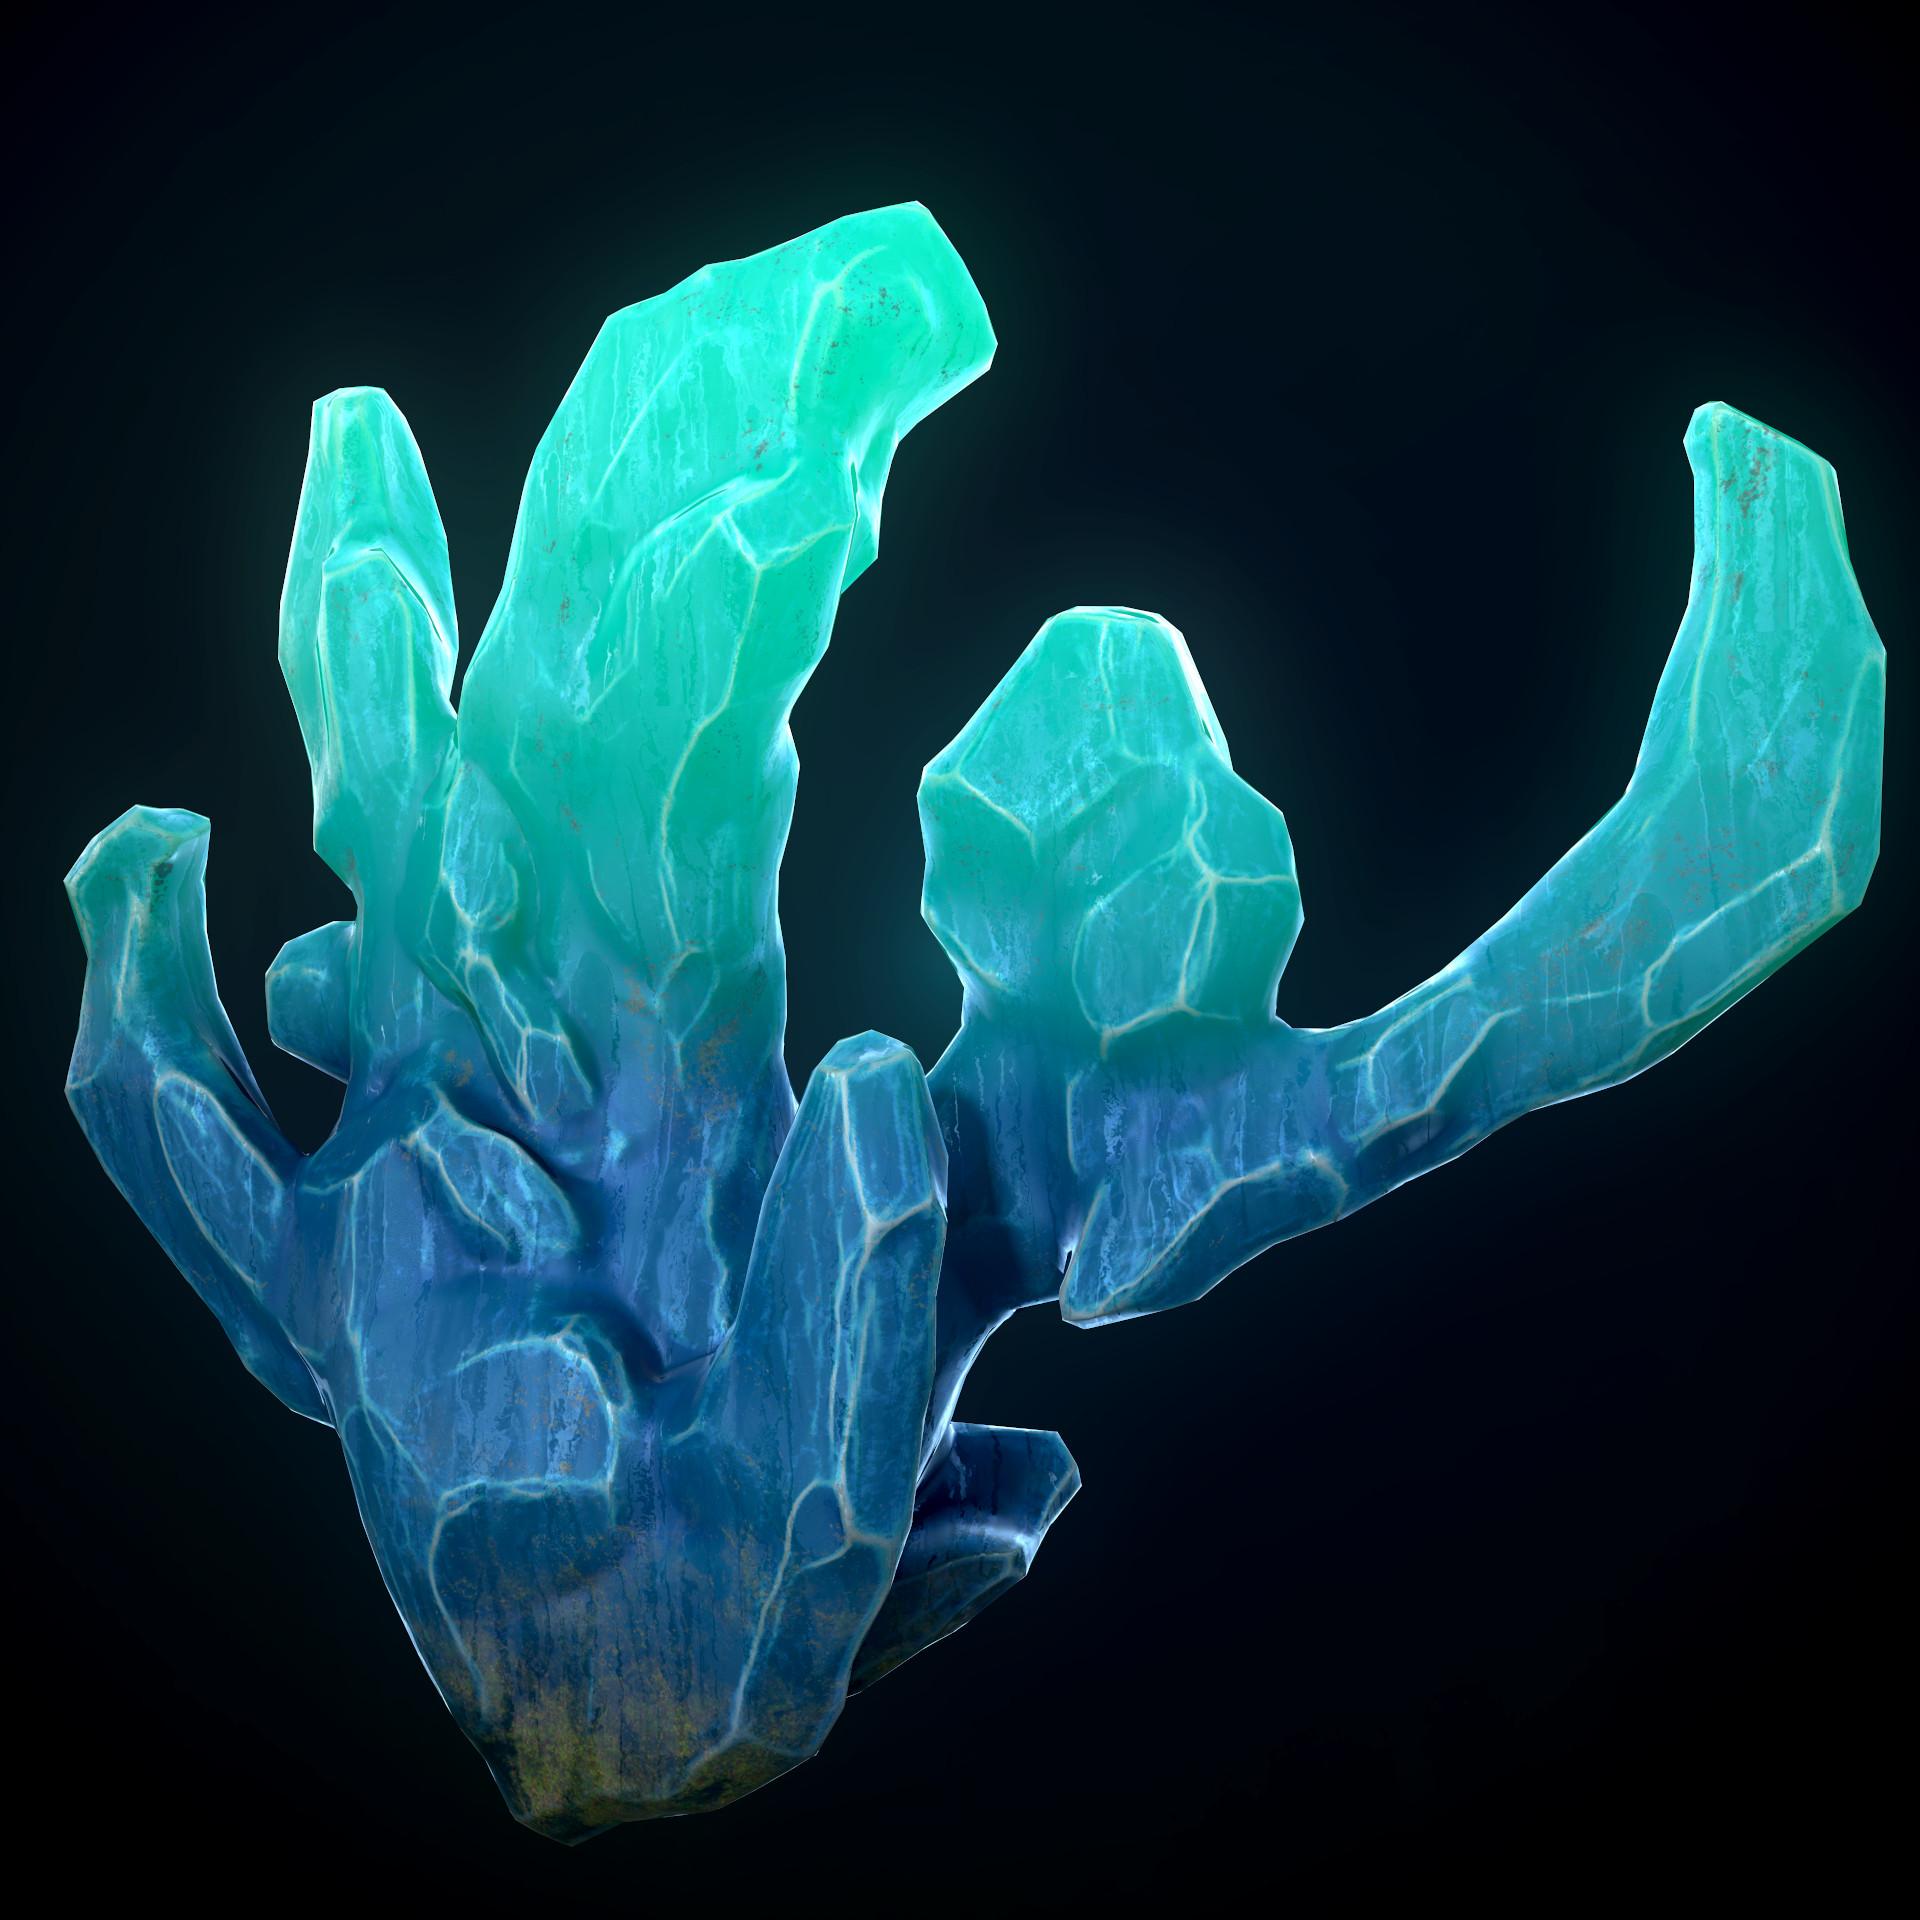 Andrew krivulya crystal render008